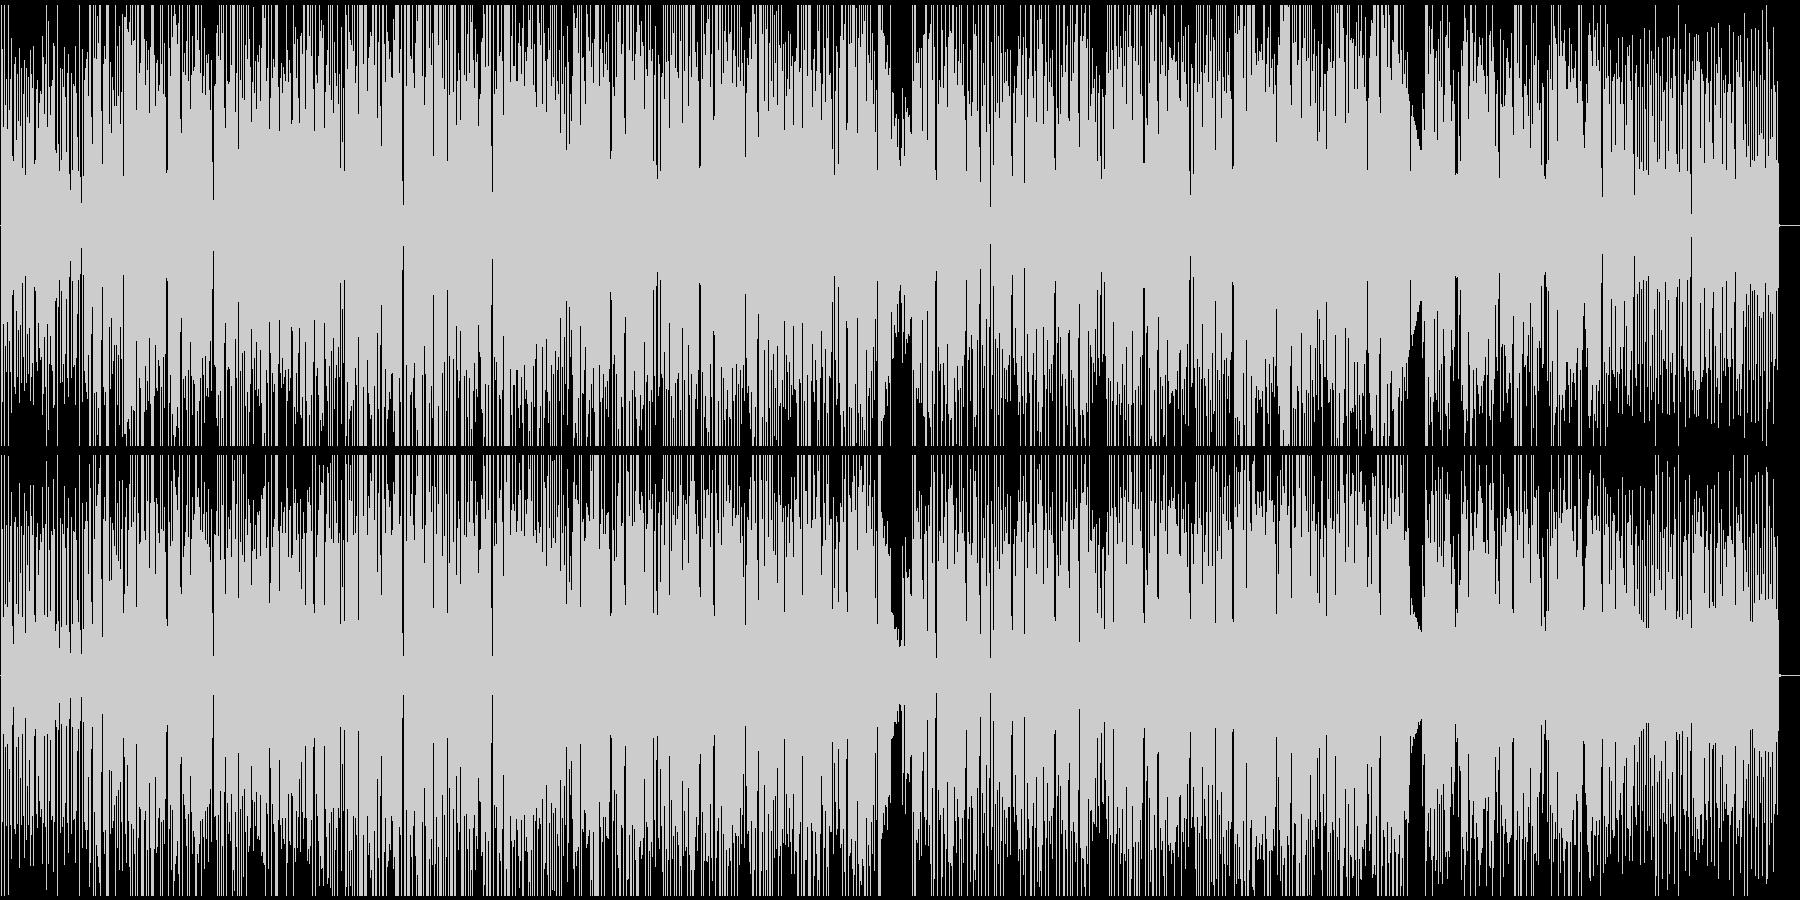 ジャジーな雰囲気のブレイクビーツBGMの未再生の波形